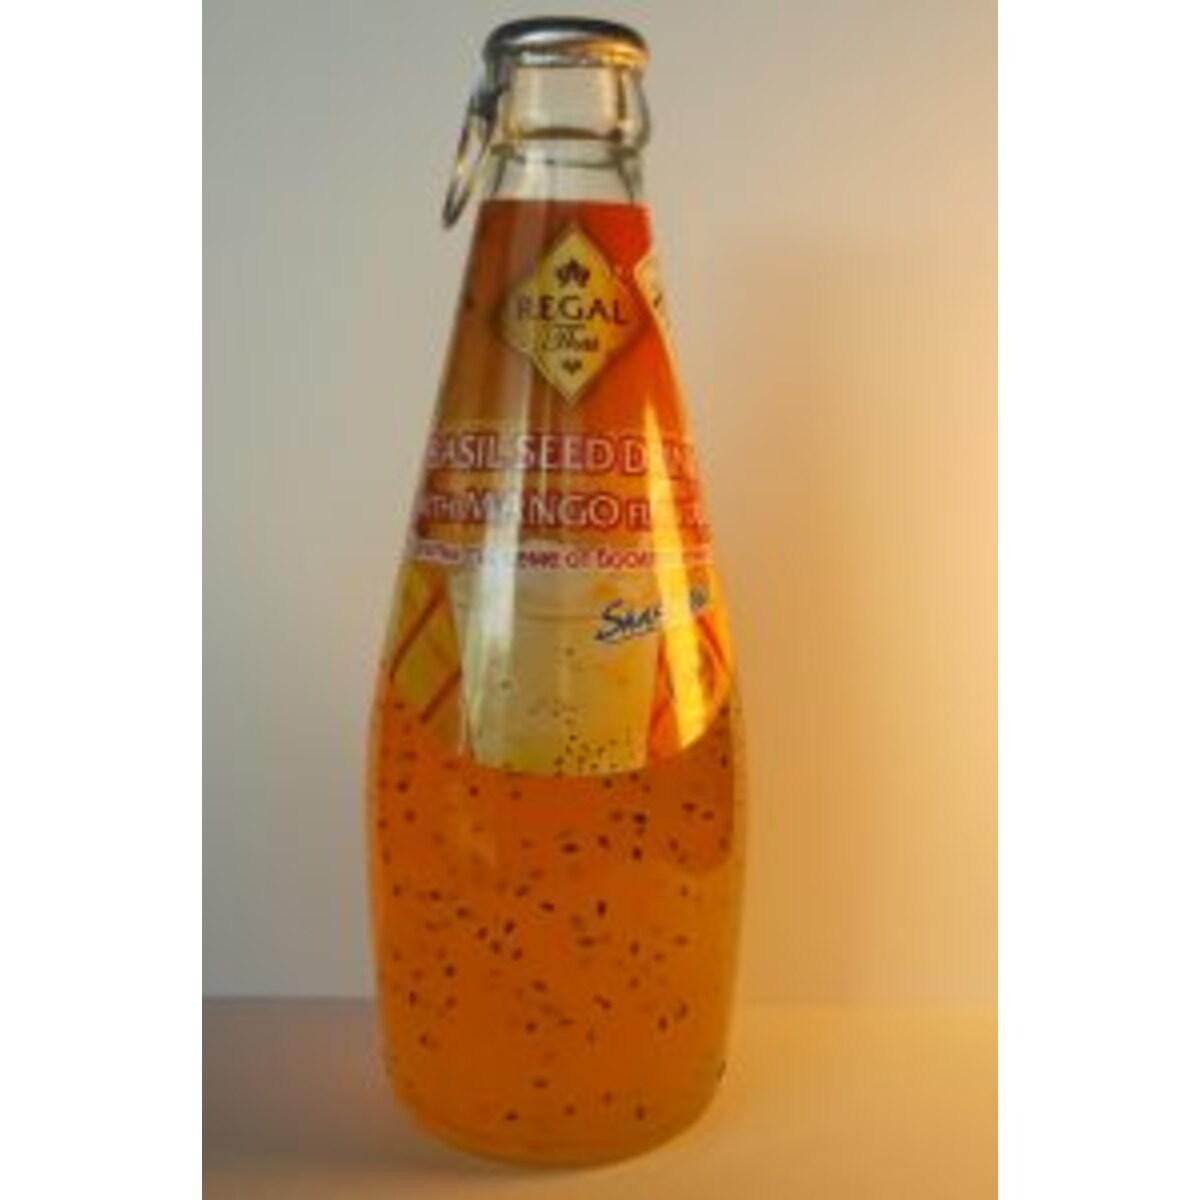 Regal Thai Напитка със семе от босилек и манго 290мл